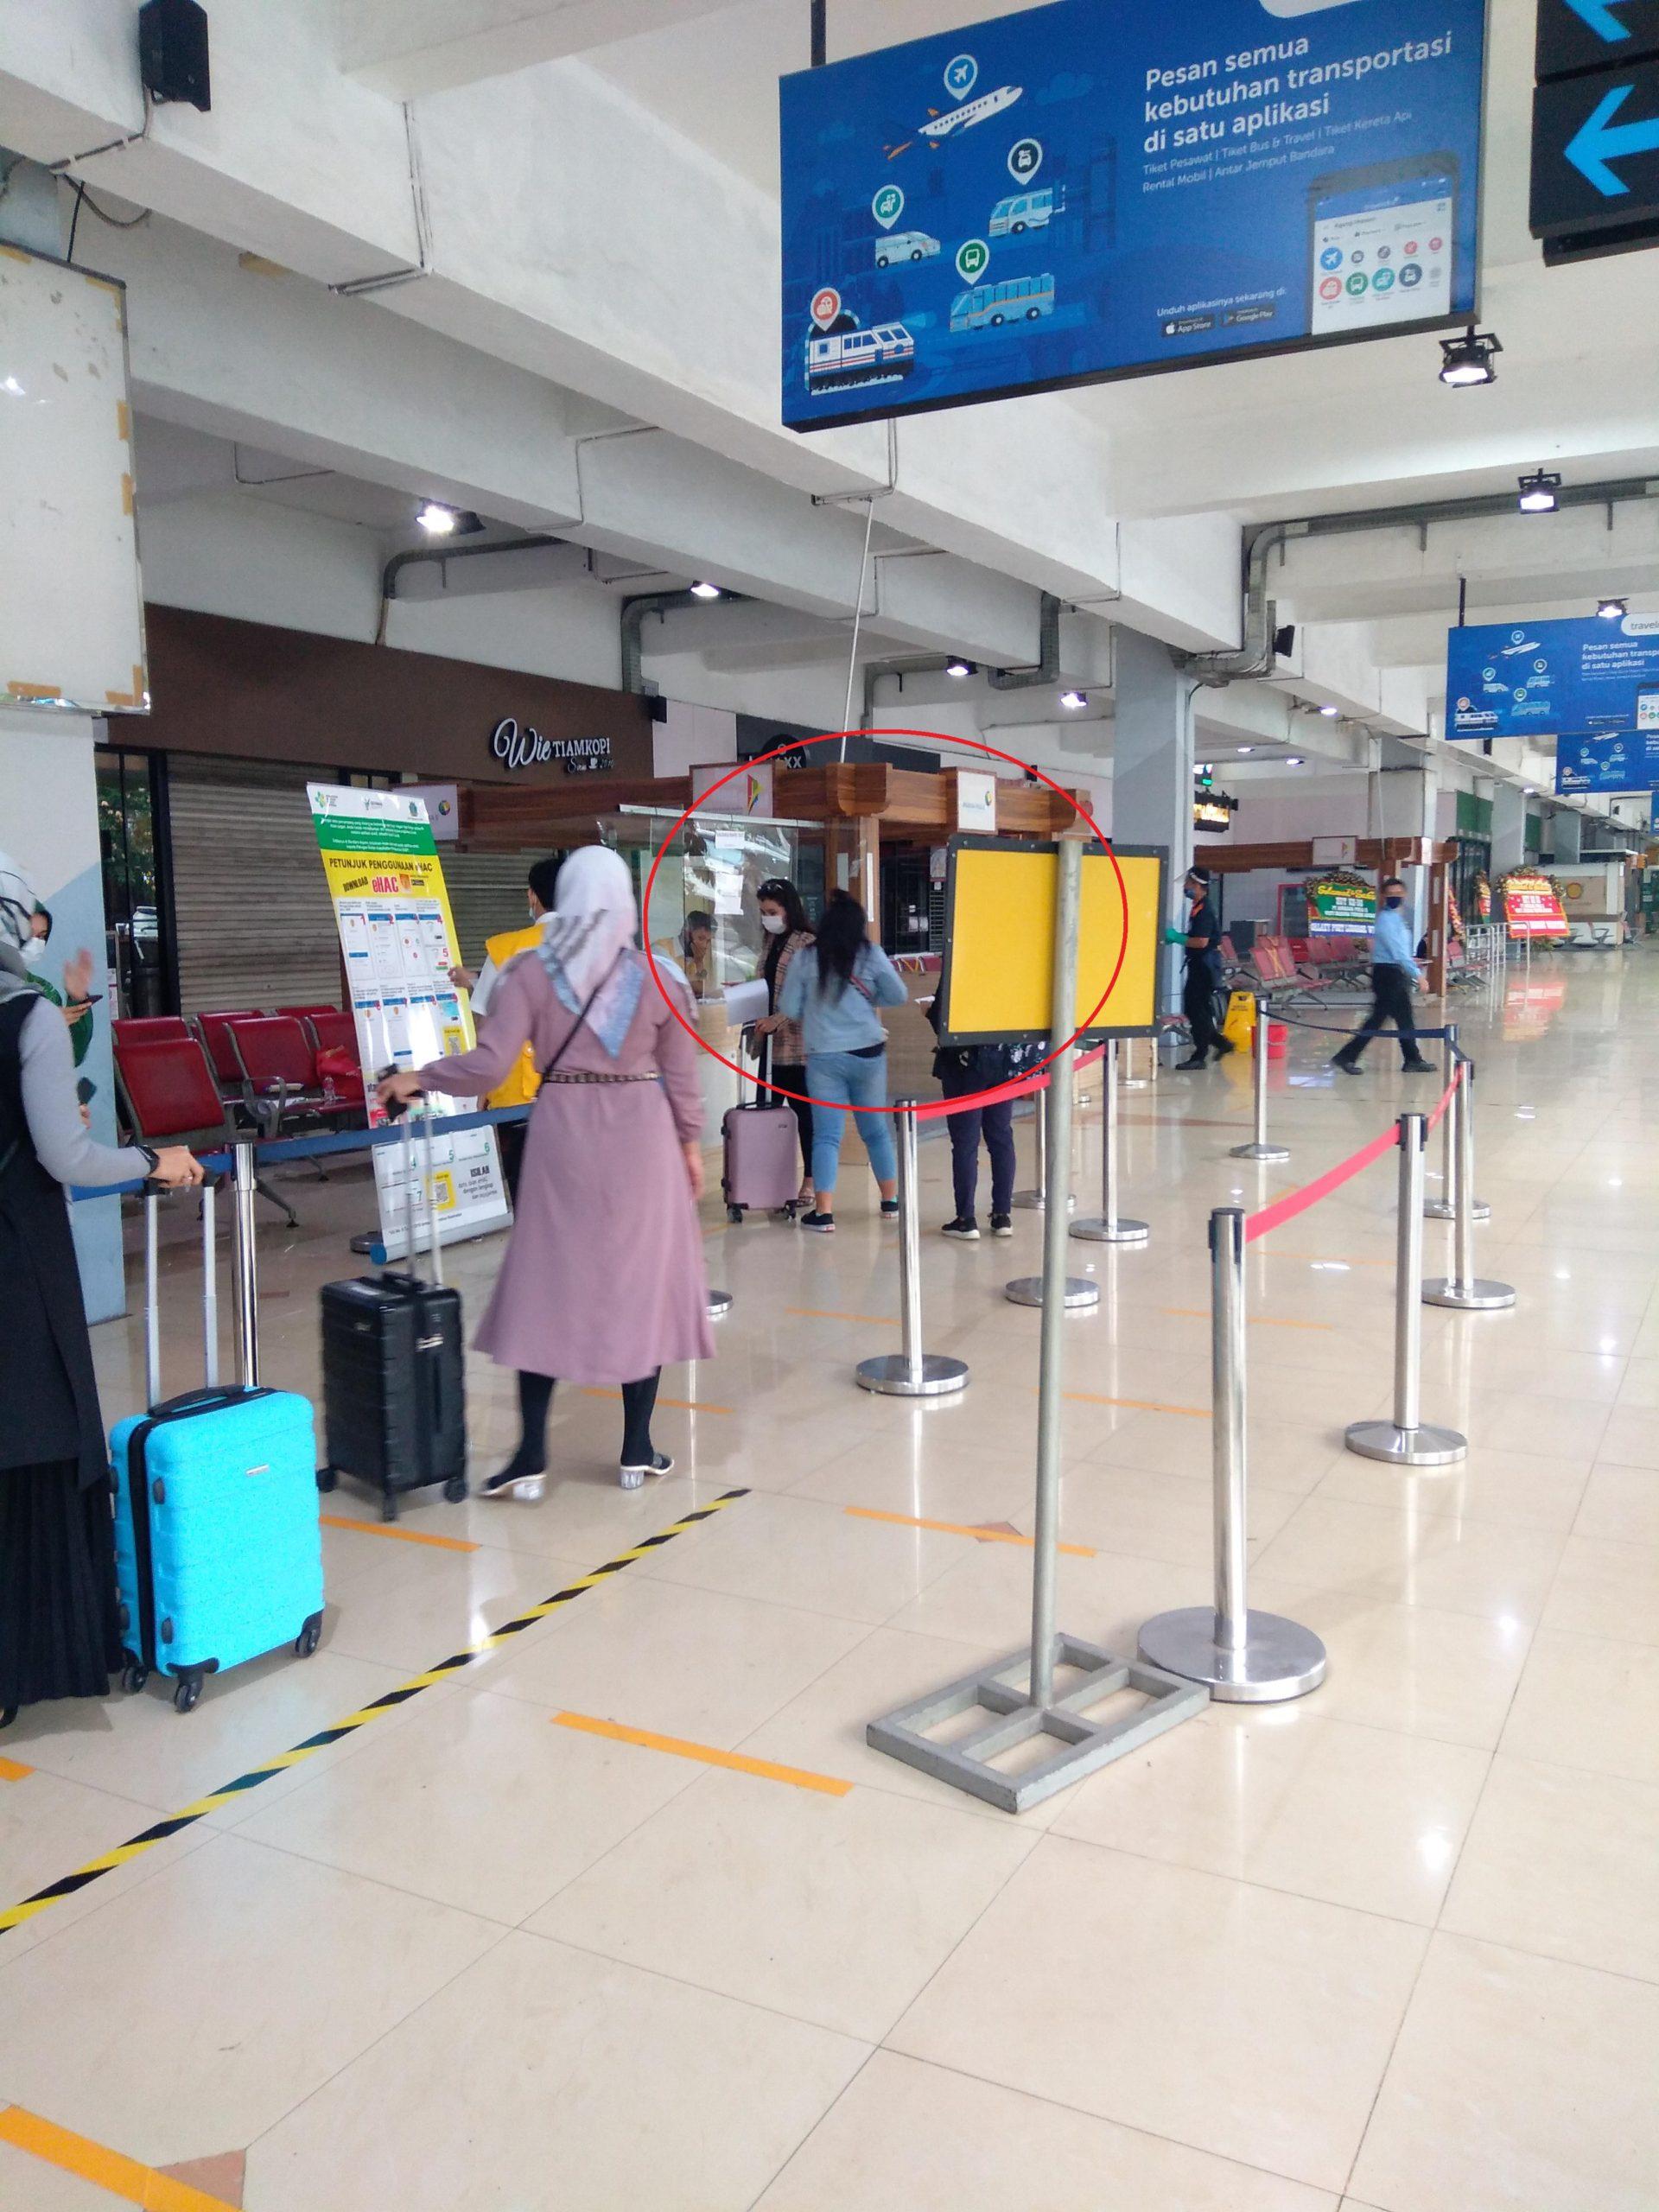 インドネシア国内移動